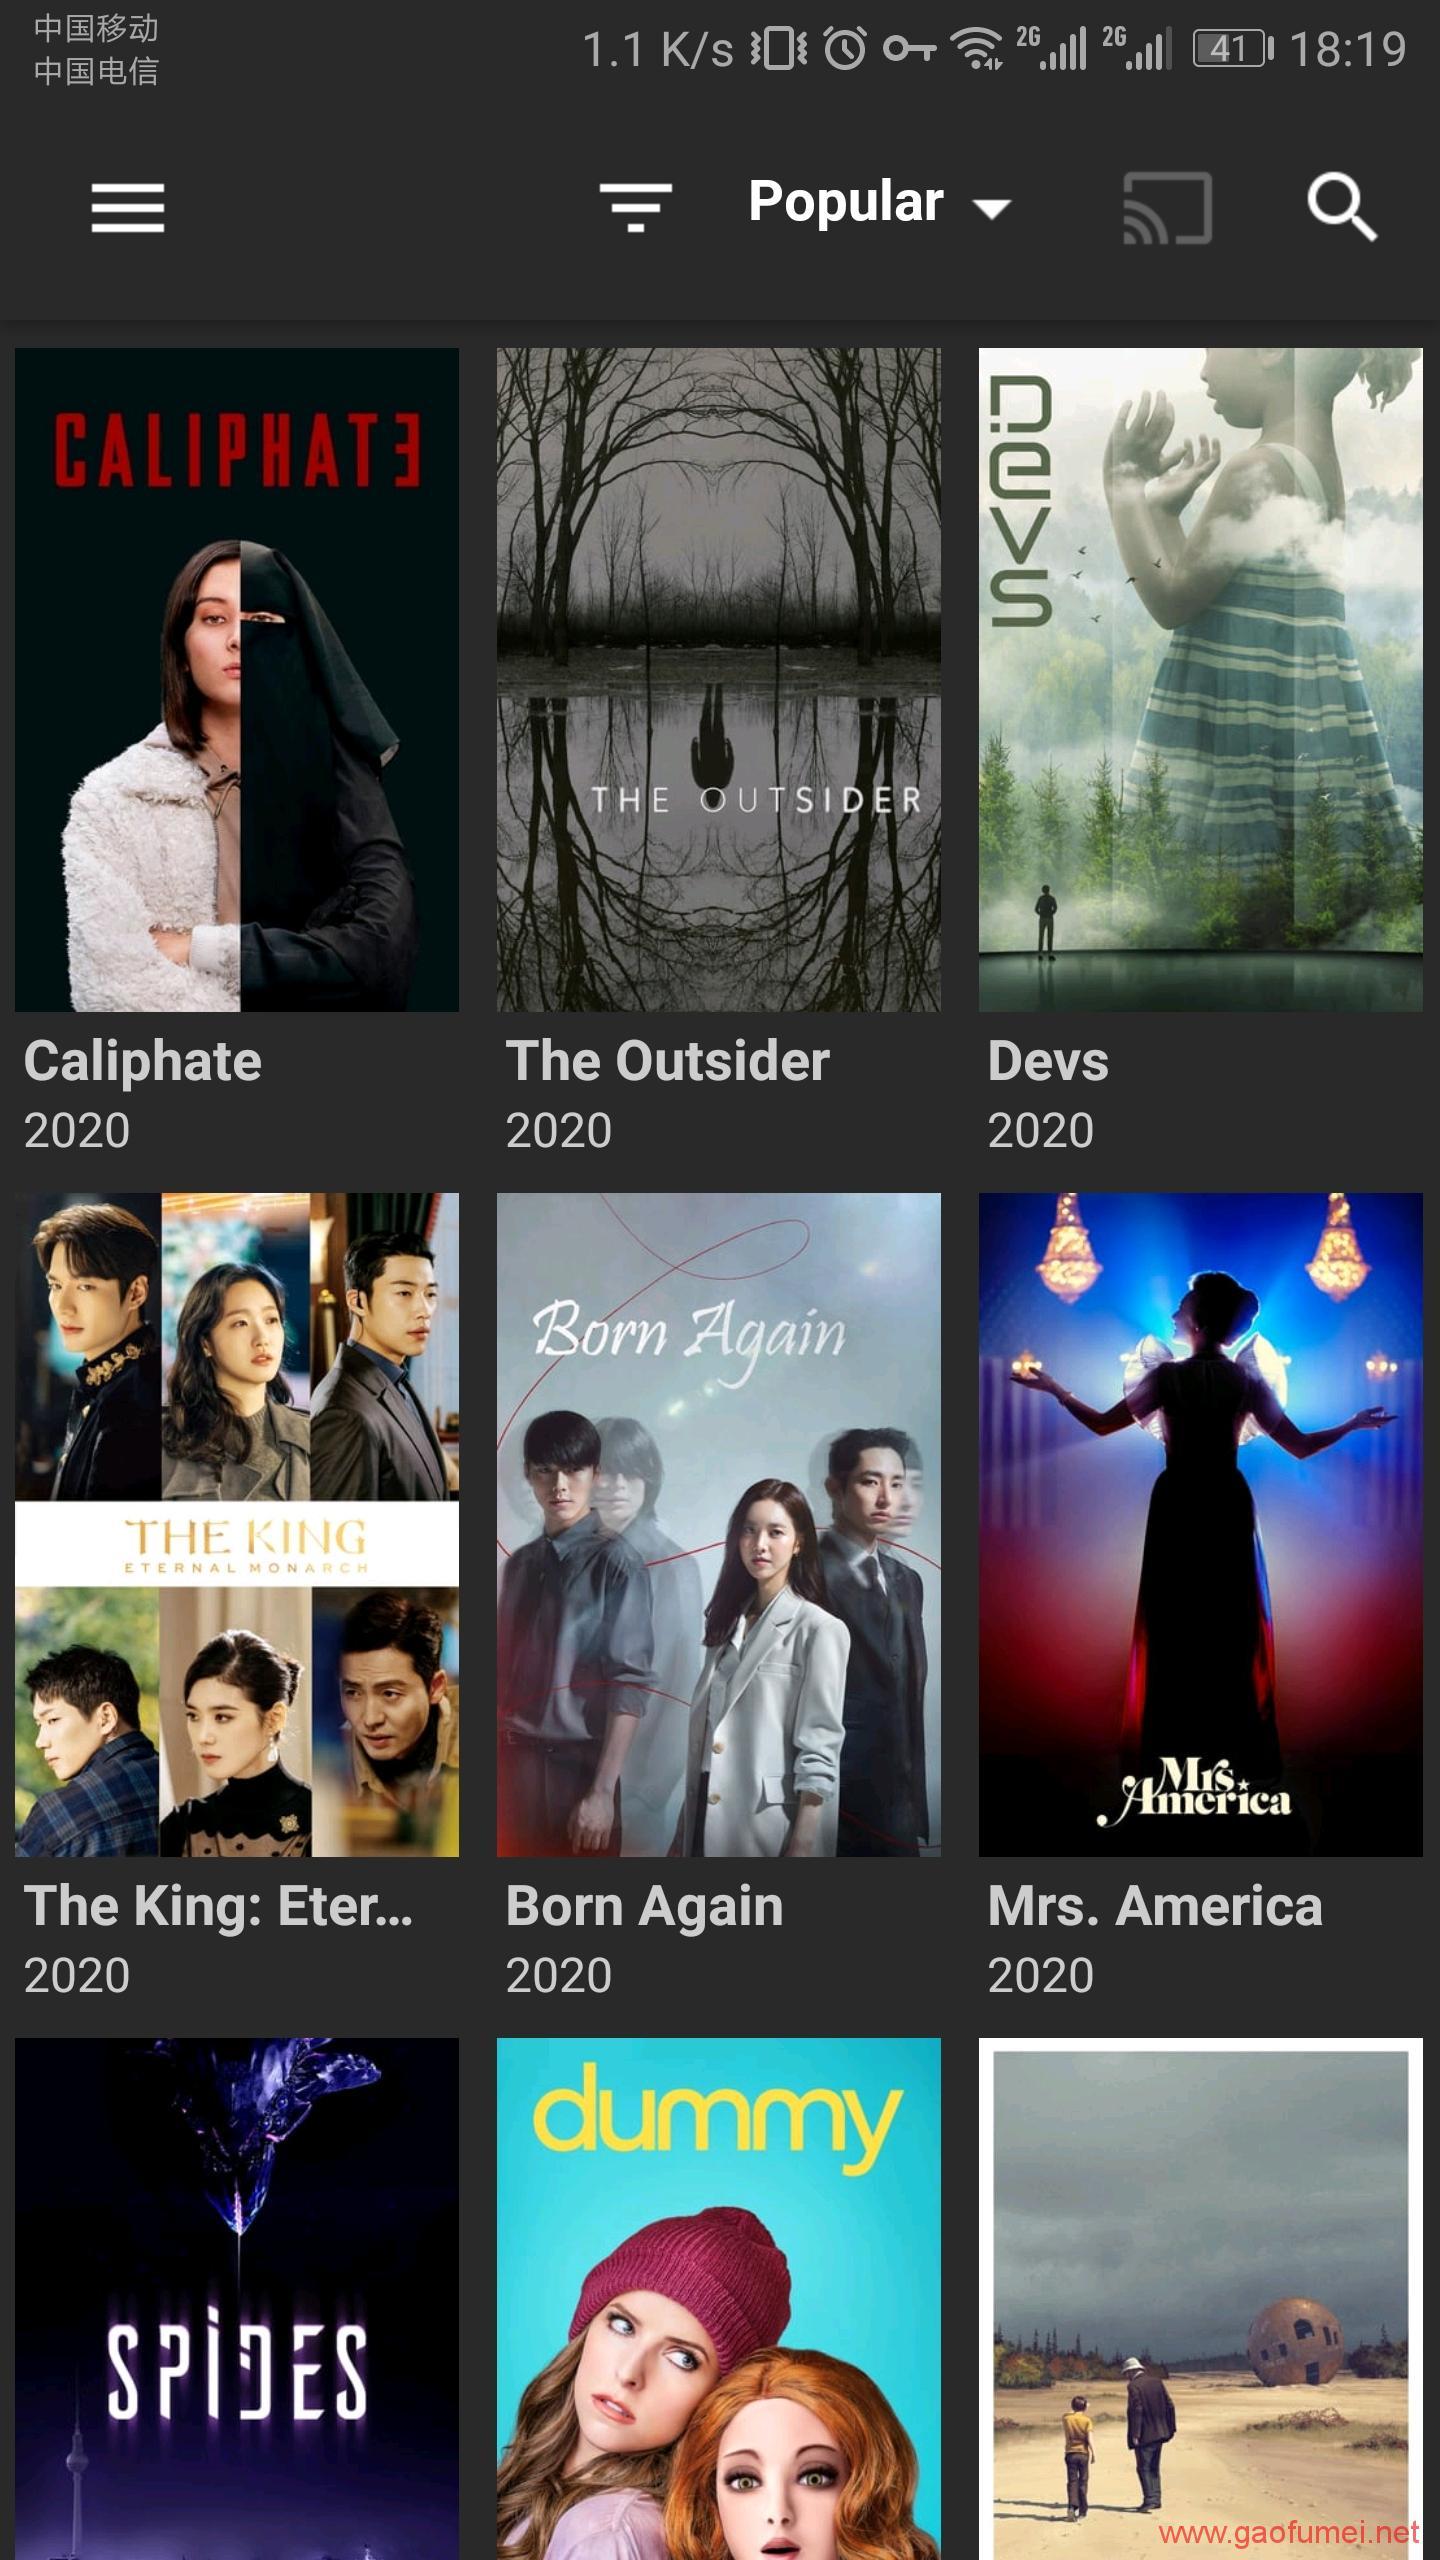 最新奈飞,网飞(Netflix)镜像APP:Netflix by APKFolks_7.49下载,亲测可用哦! 安卓版软件下载 第3张-泥人传说